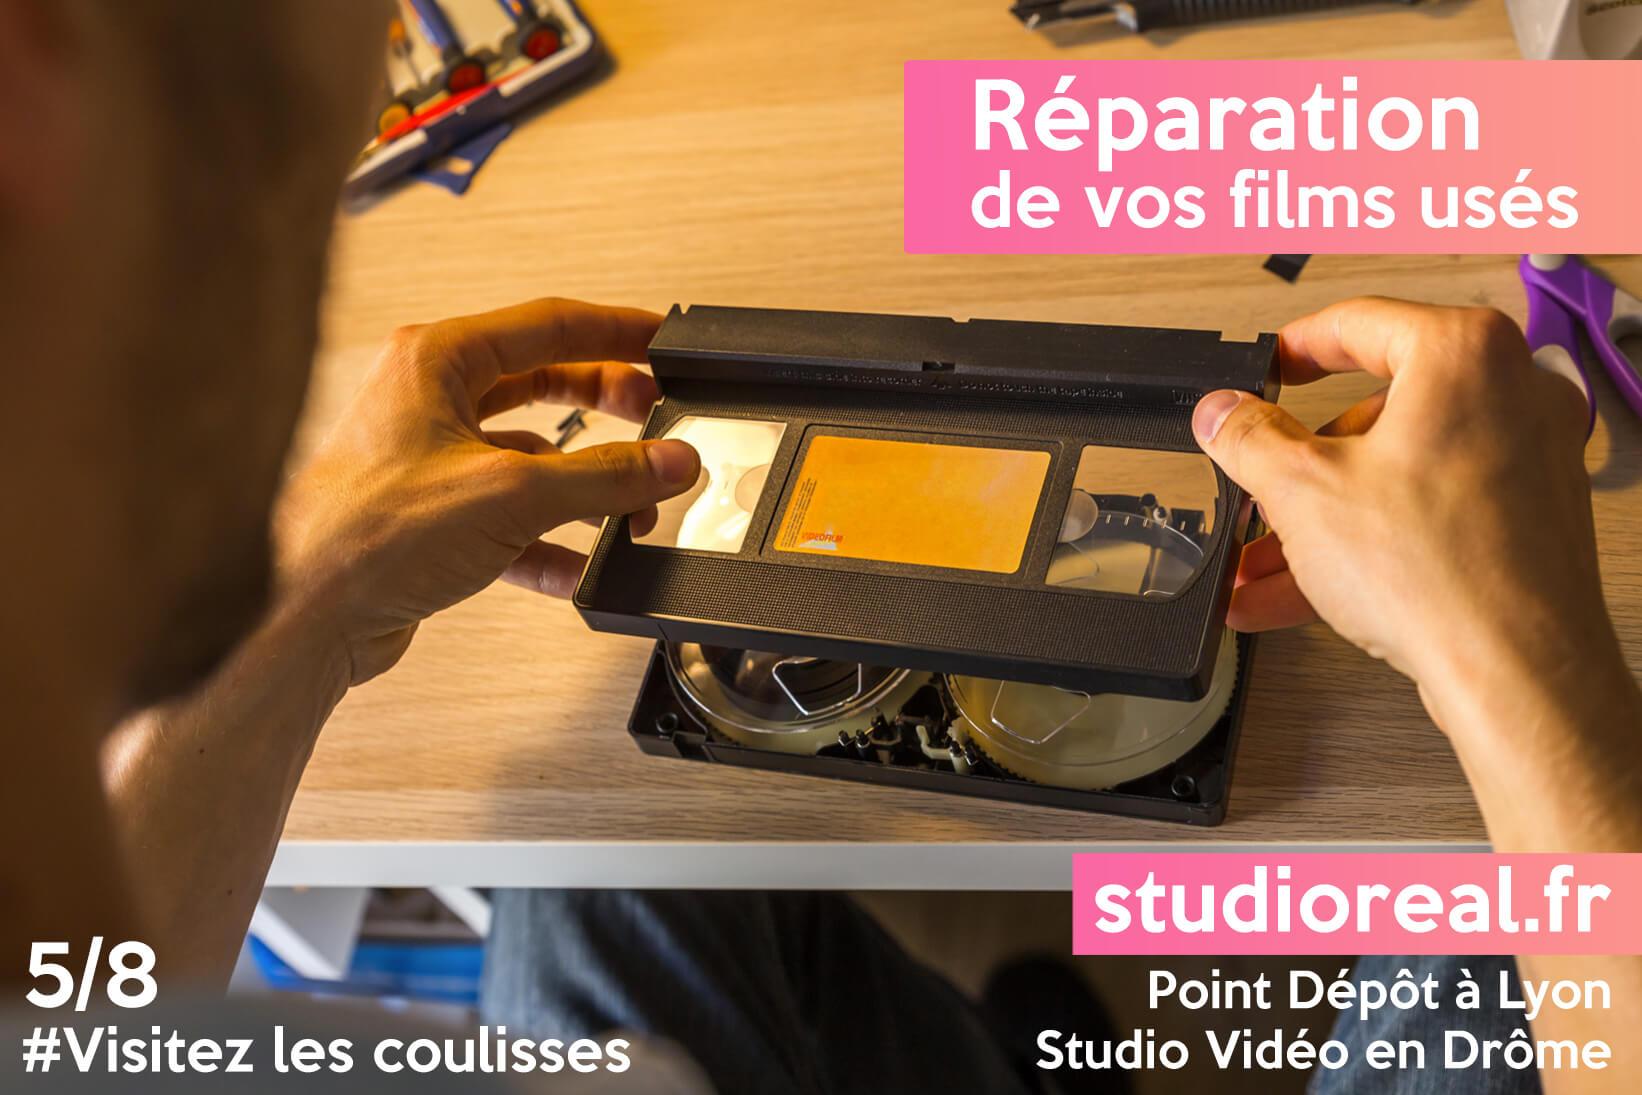 réparation de vos films usés